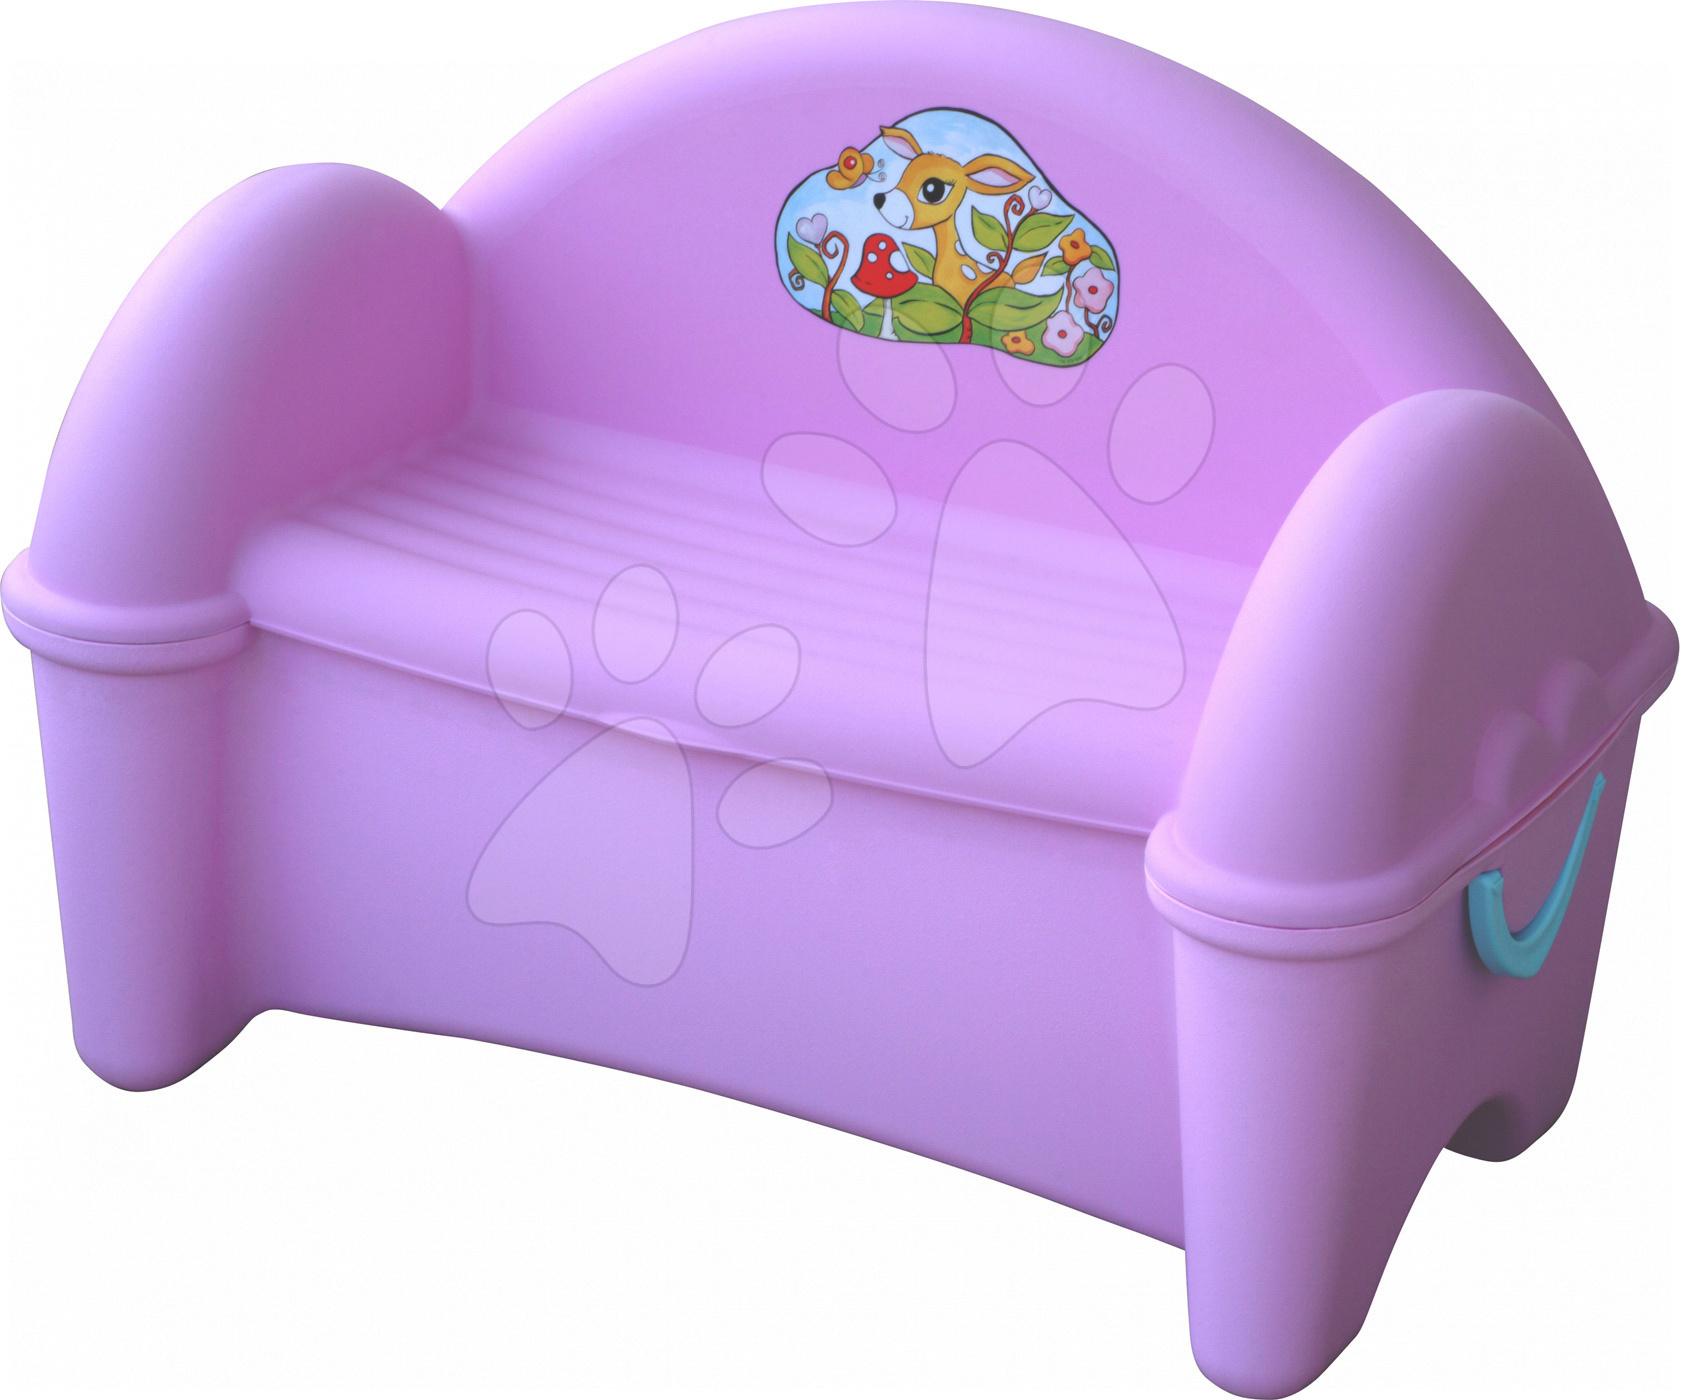 Pohovka PalPlay s úložným prostorem pro hračky růžová